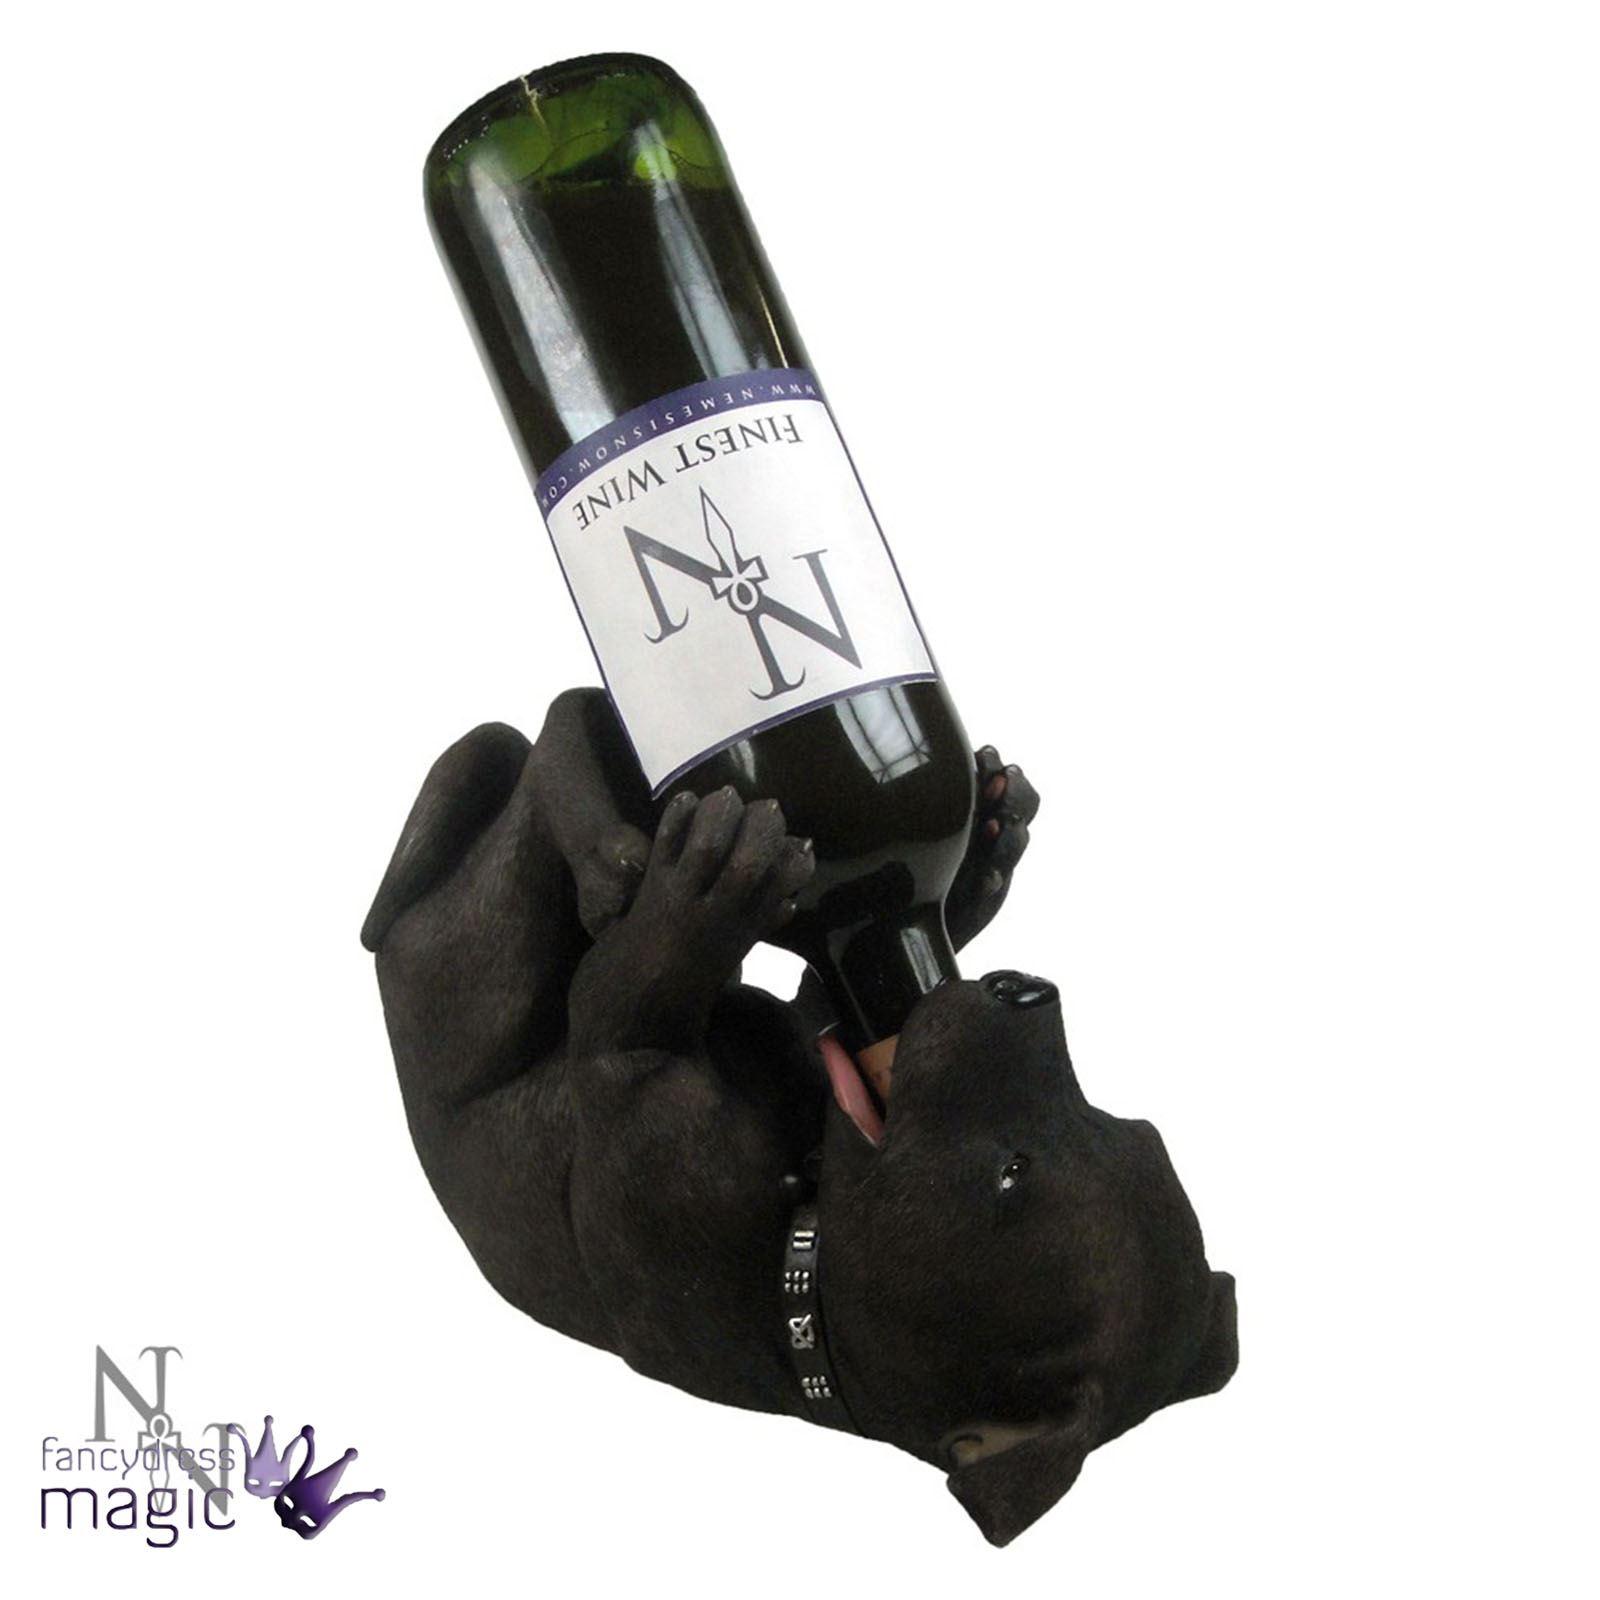 repose bouteille vin top repose bouteille vin with repose bouteille vin porte bouteille vin. Black Bedroom Furniture Sets. Home Design Ideas